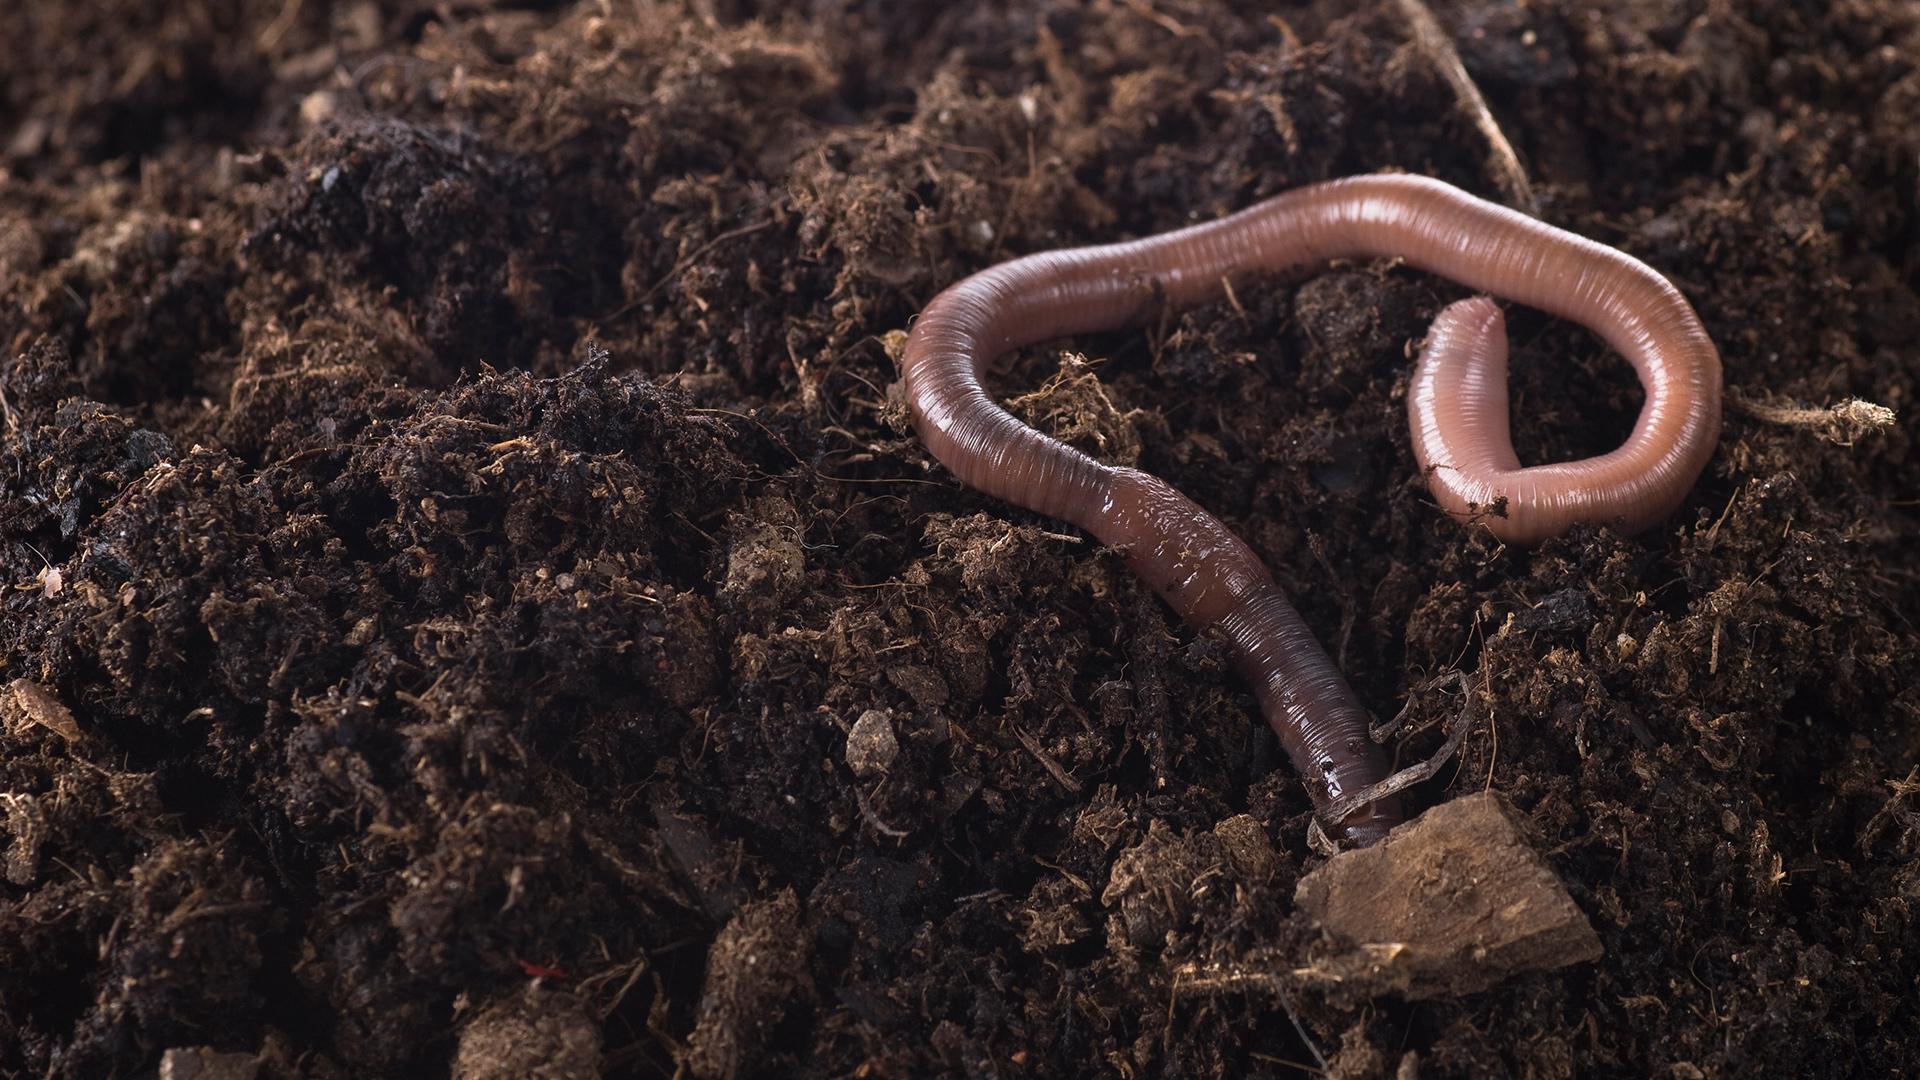 Gesunde Böden speichern CO2, das aus der Luft über die Pflanzen aufgenommen wurde. Kohlenstoff. © iStock / Getty Images